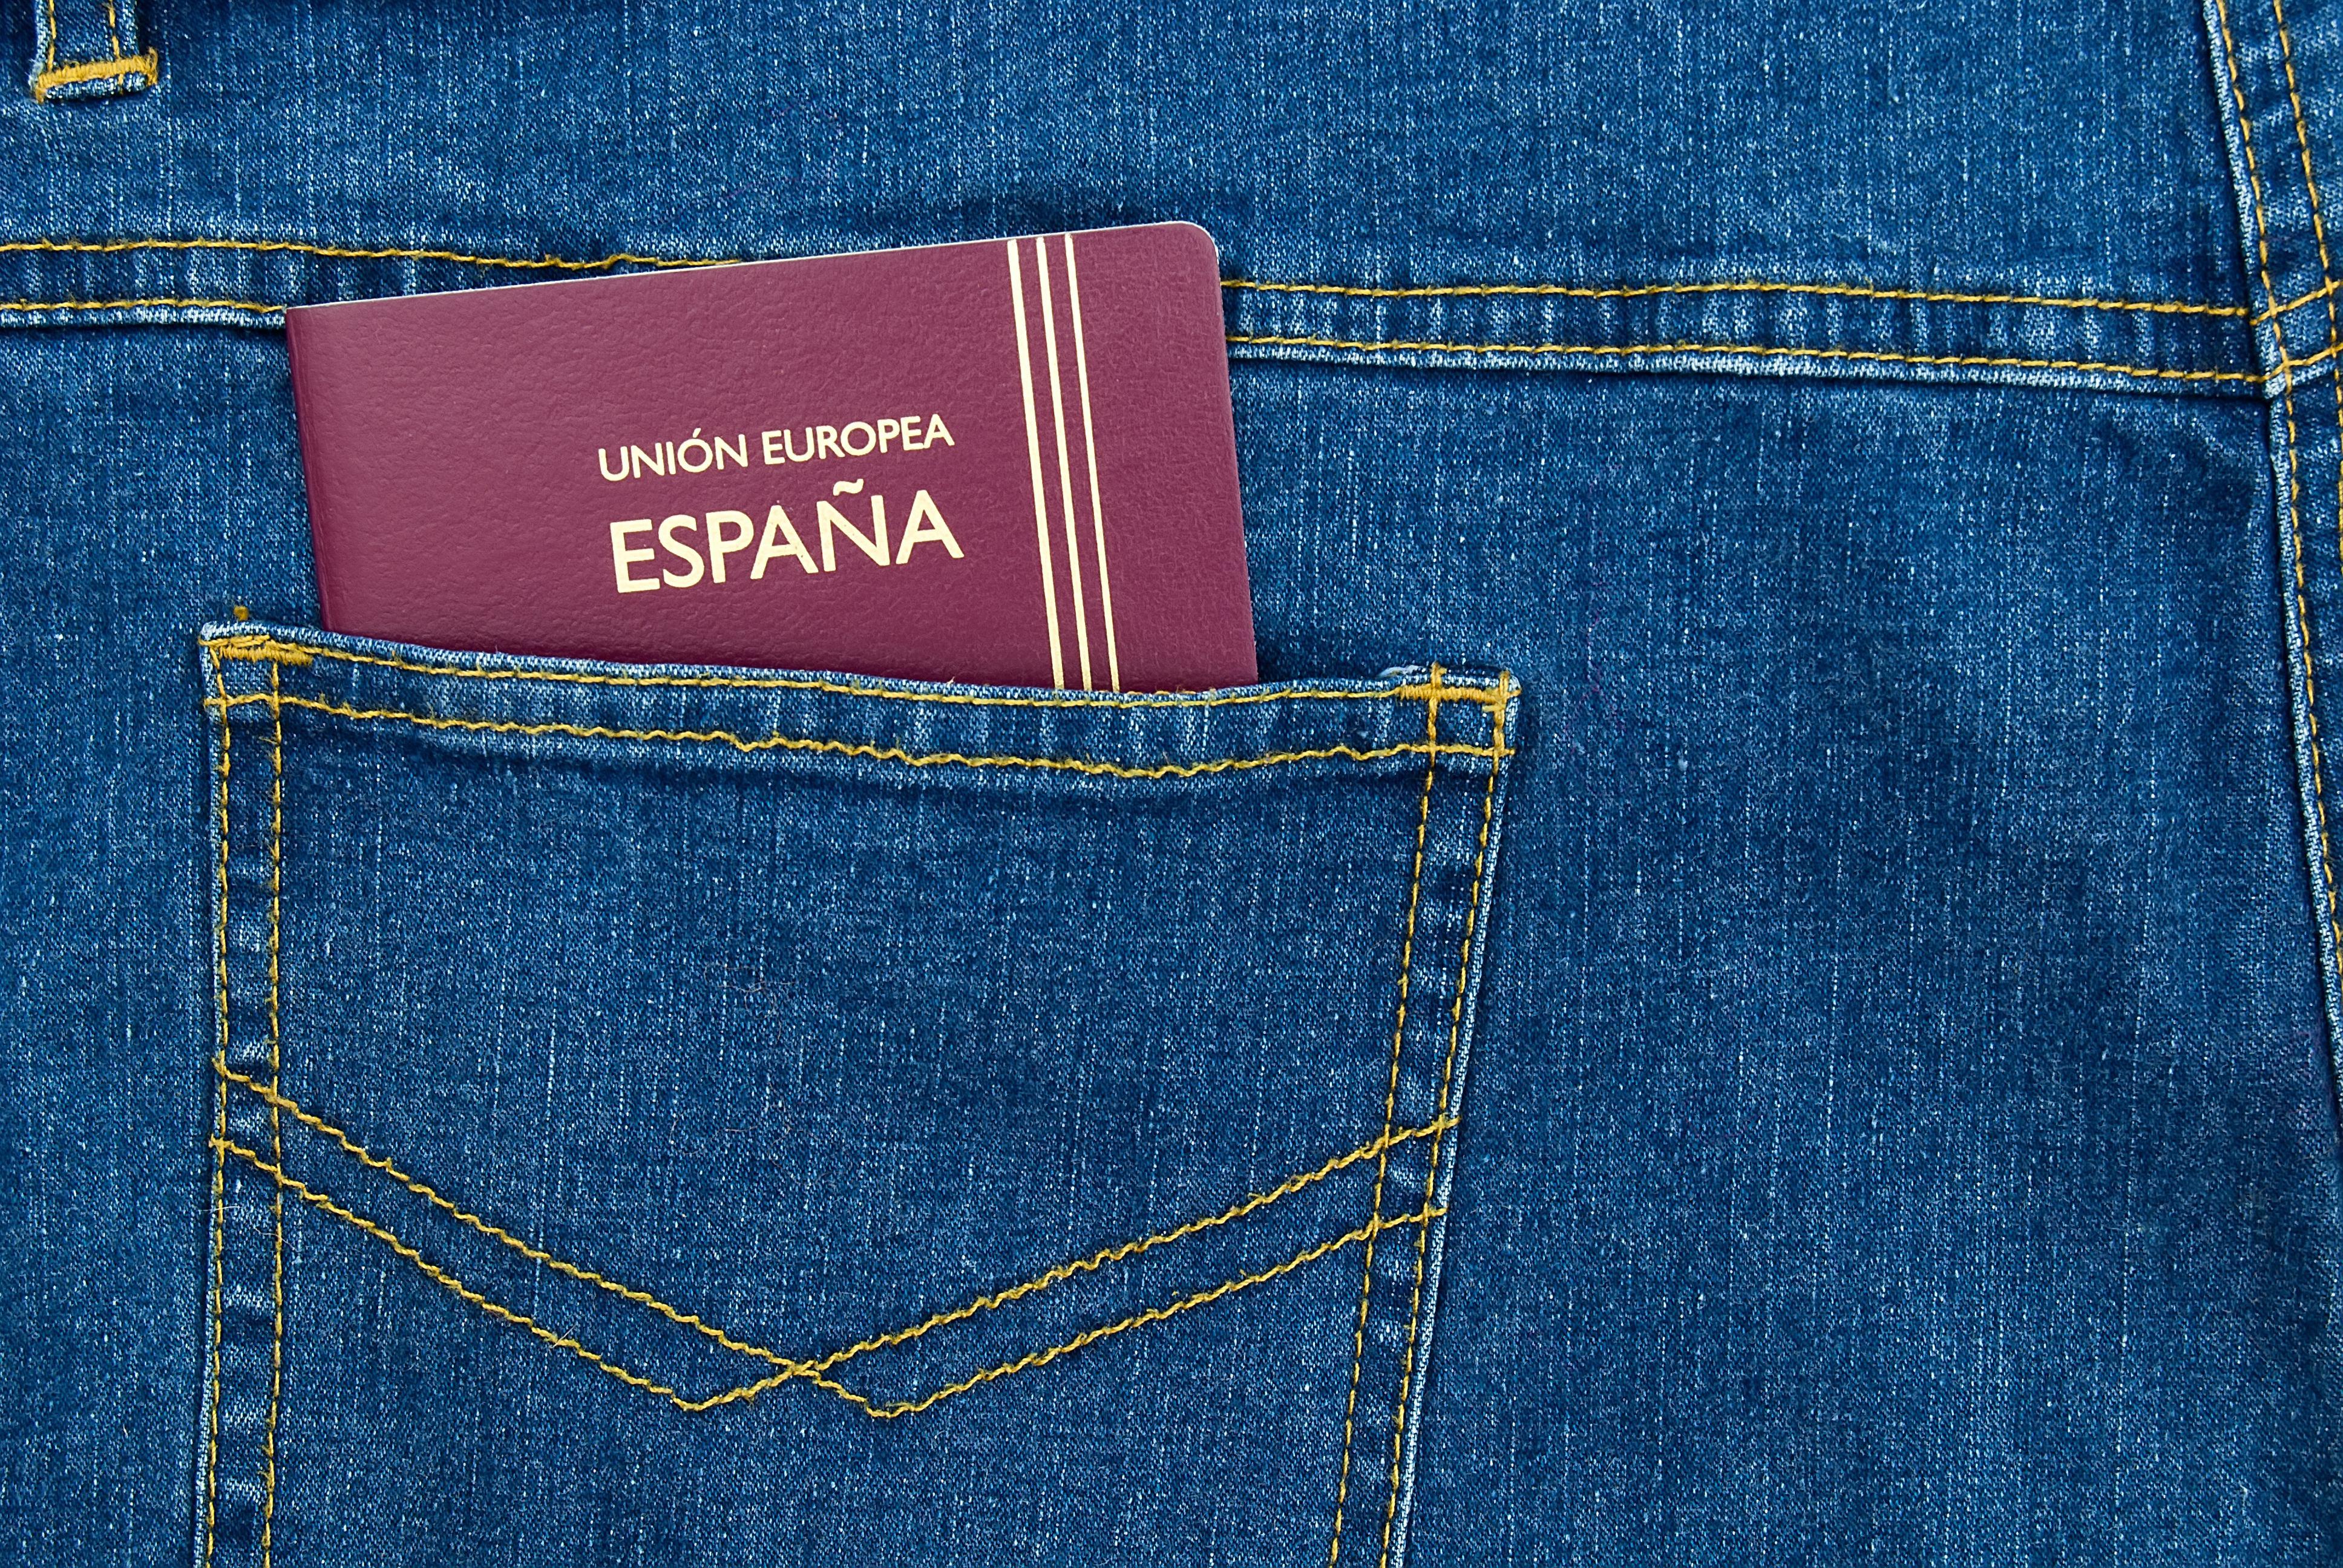 Bolsillo trasero de un pantalón vaquero con un pasaporte en su interior